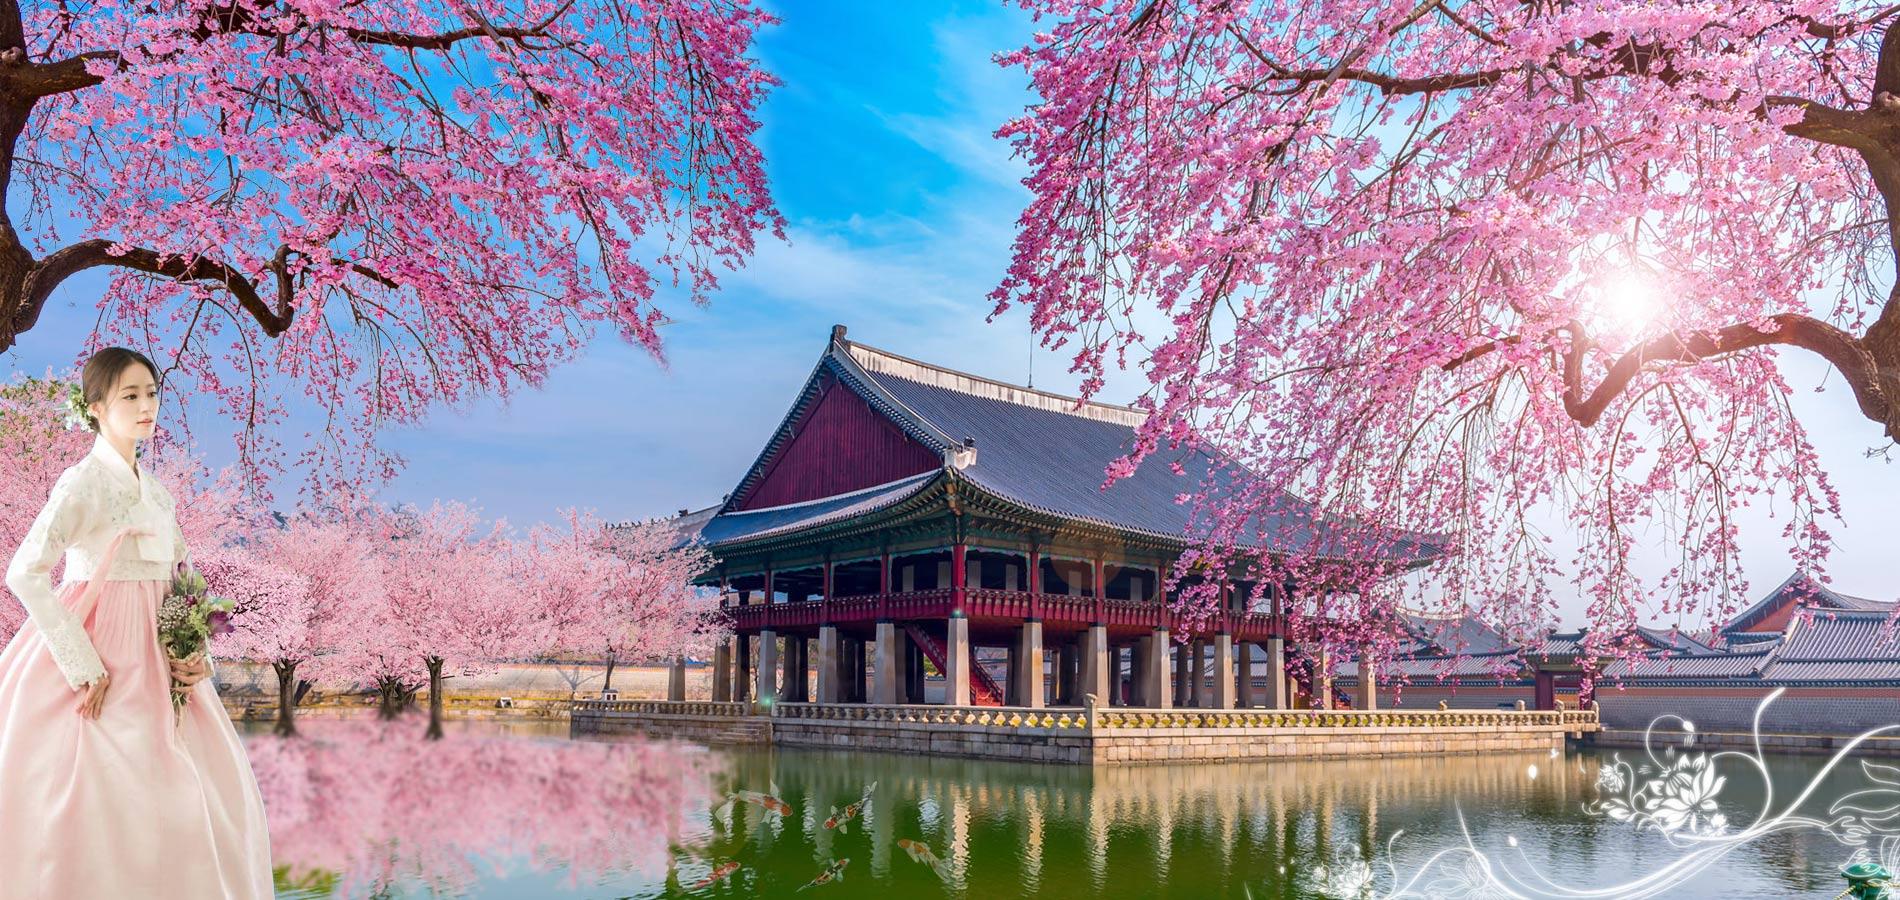 Xu hướng chọn tour du lịch sau Tết Kỷ Hợi 2019 - Ảnh 5